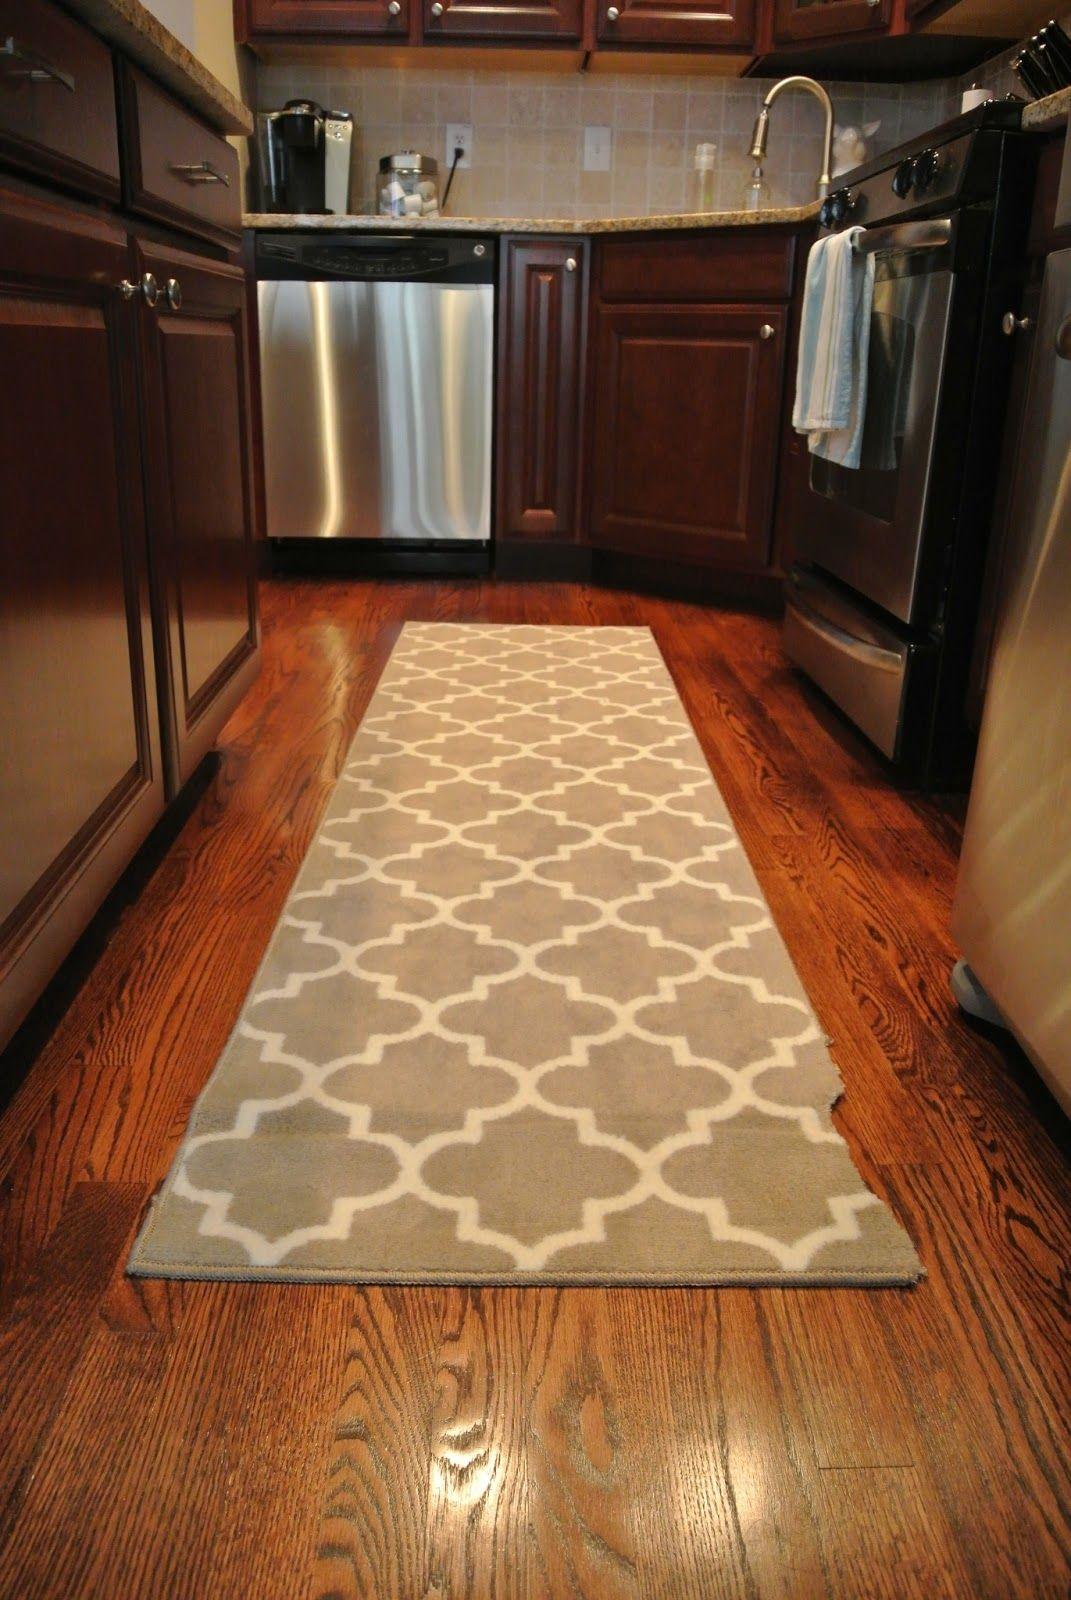 Target white kitchen apron - The O Jays